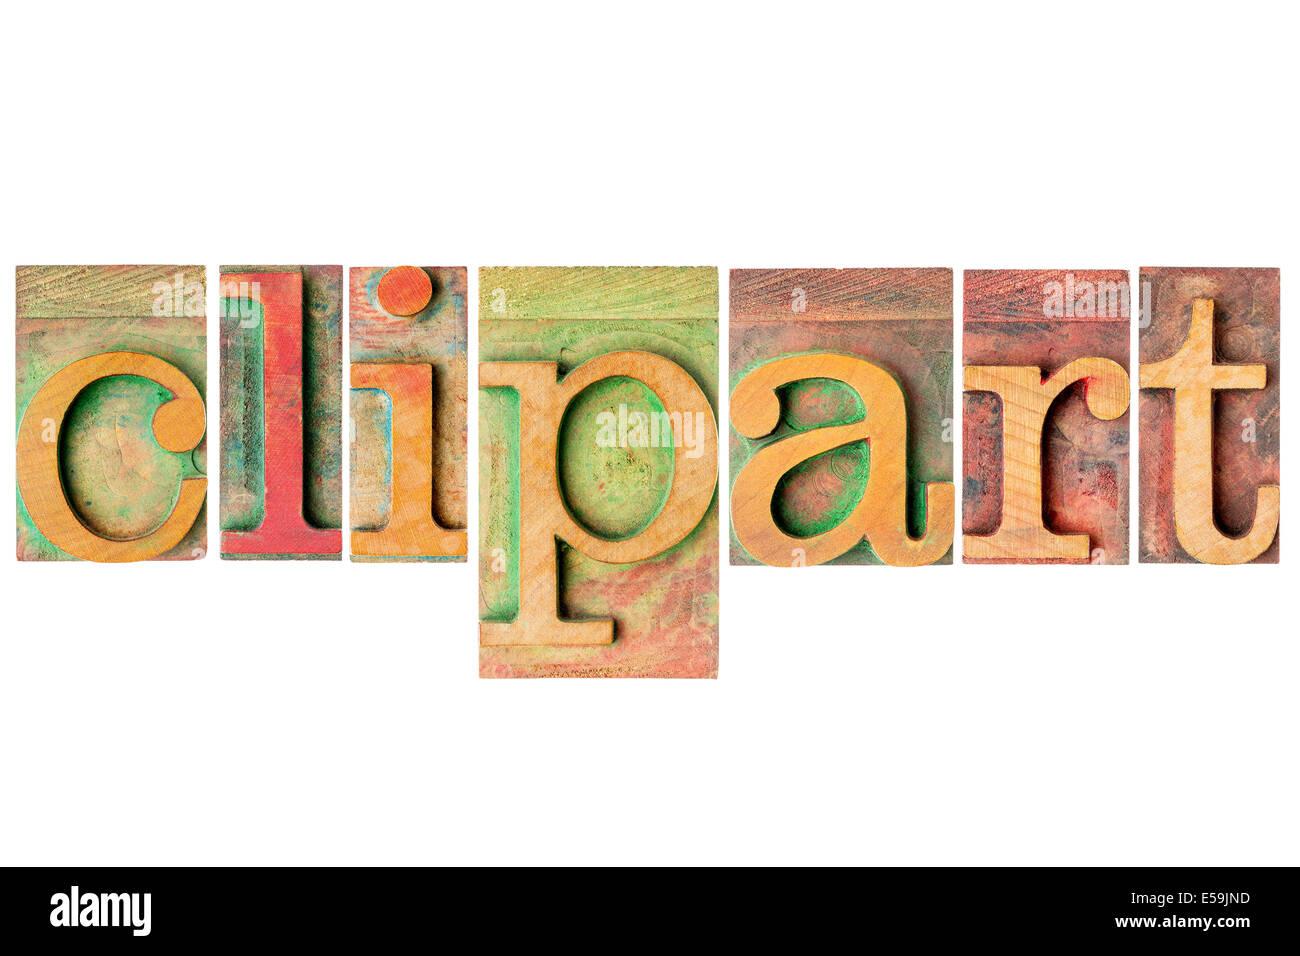 Clipart word - un collage di isolato in rilievo tipo legno blocchi di stampa Immagini Stock